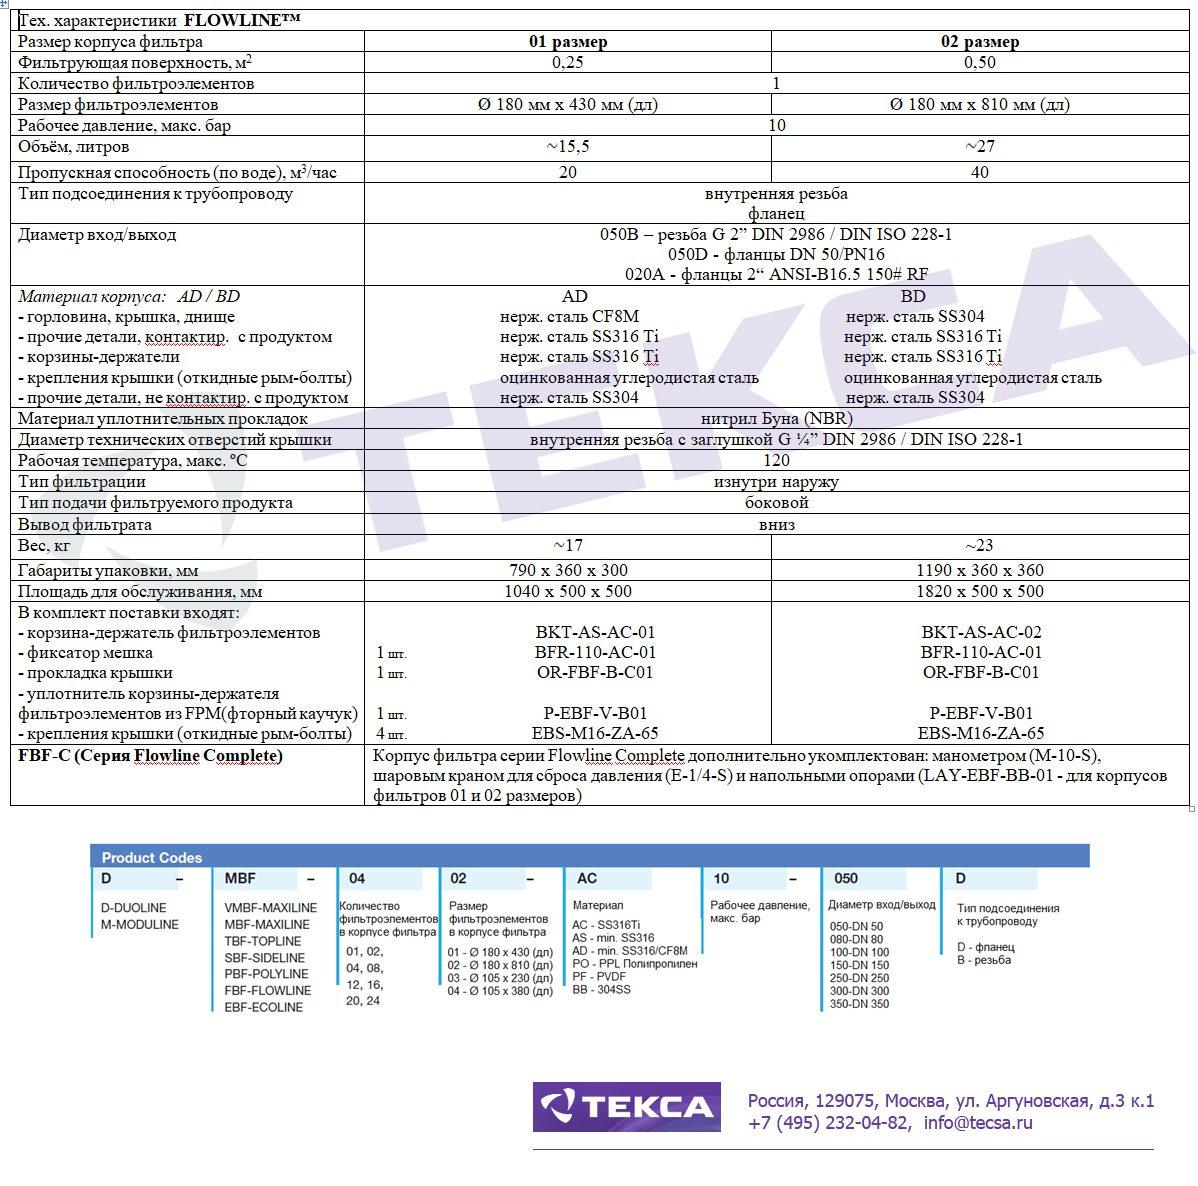 Технические характеристики корпуса фильтра FLOWLINE